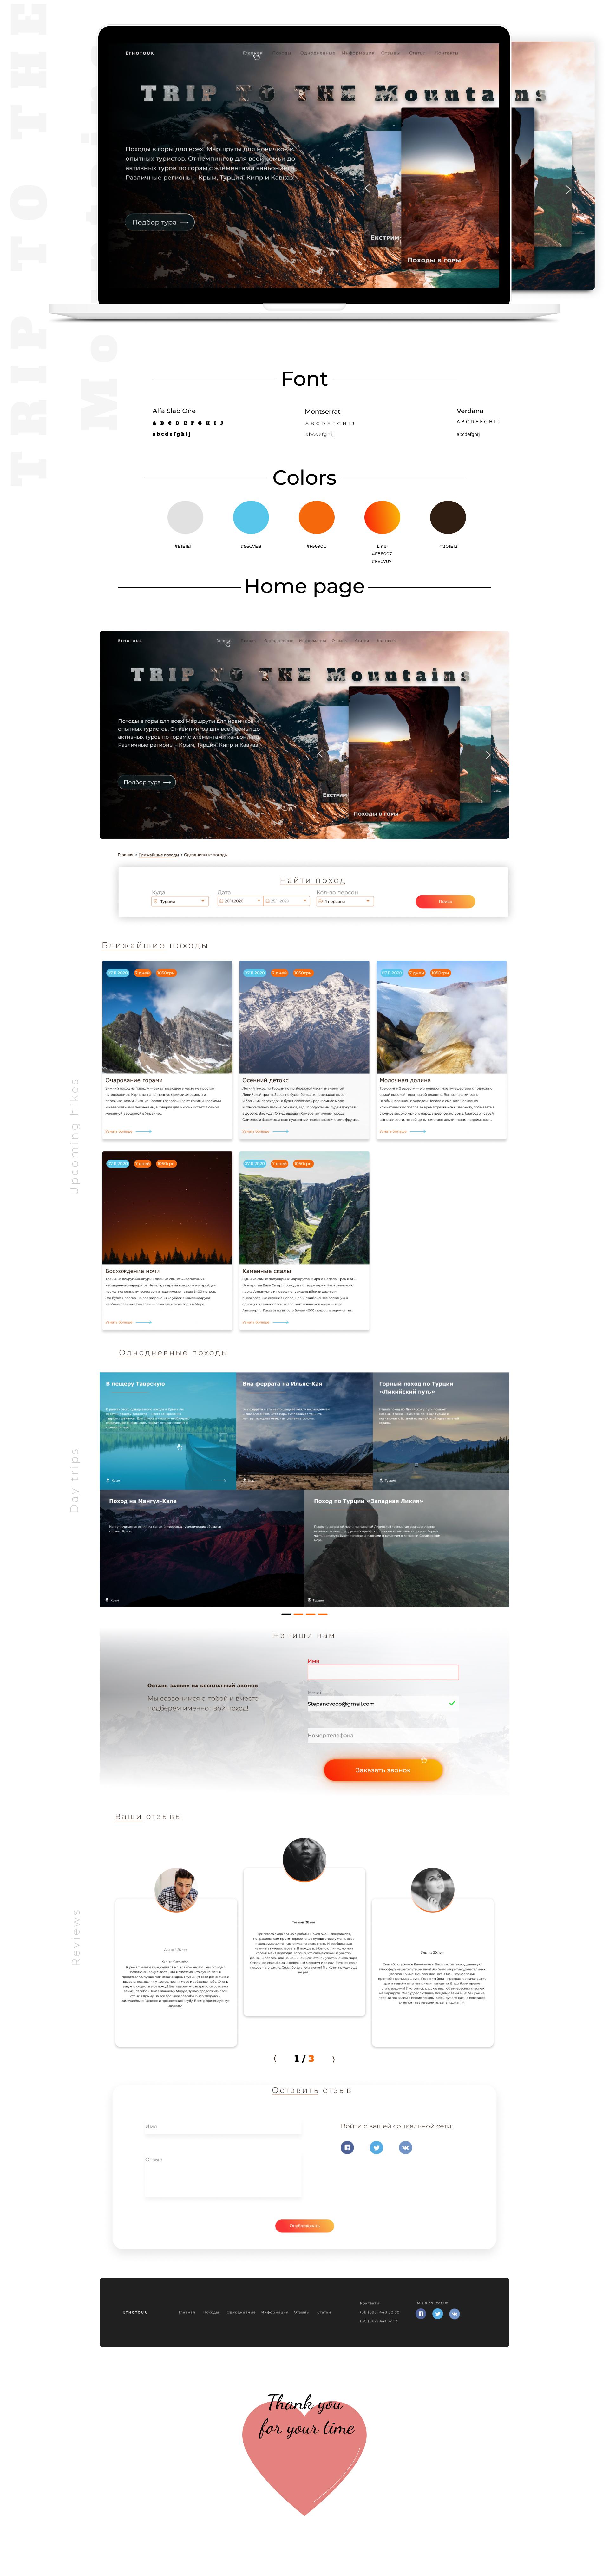 Фото Landing-page Моя вторая работа Одностраничник сайта путешествий с ярко выраженными карточками для большего погружения и ощутимости всех локаций.